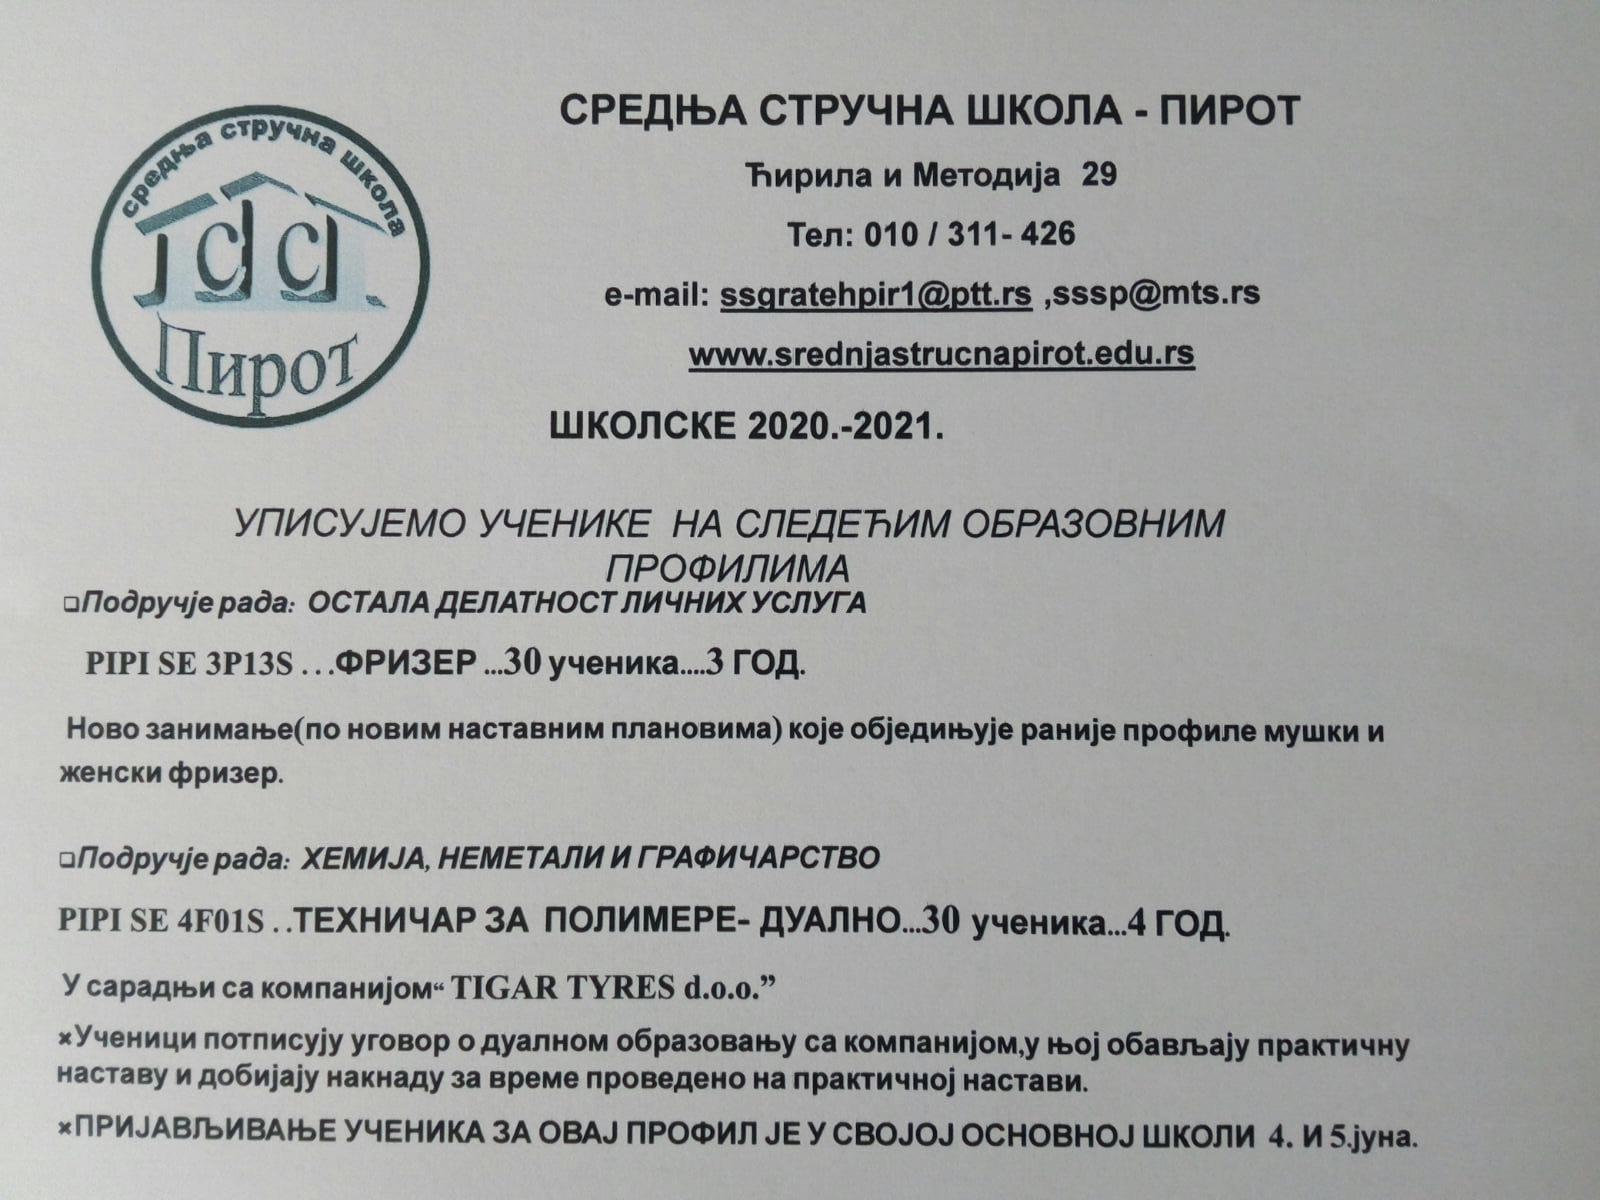 srednja stručna škola pirot dualna nastava tehničar za polimere tigar tyres